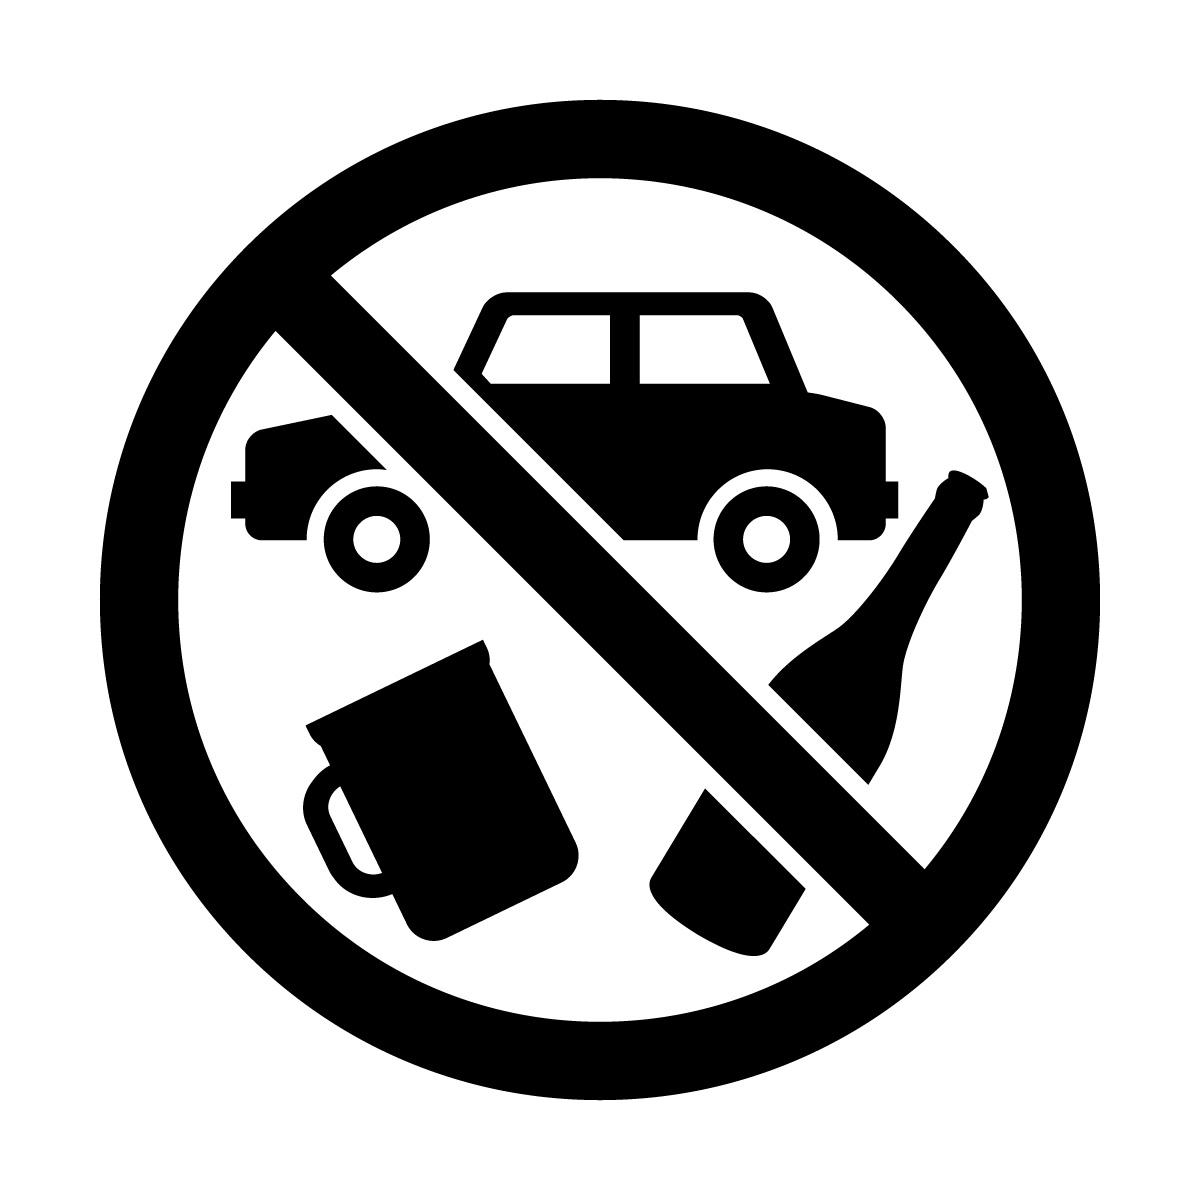 黒色の飲酒運転禁止マークのカッティングステッカーシール